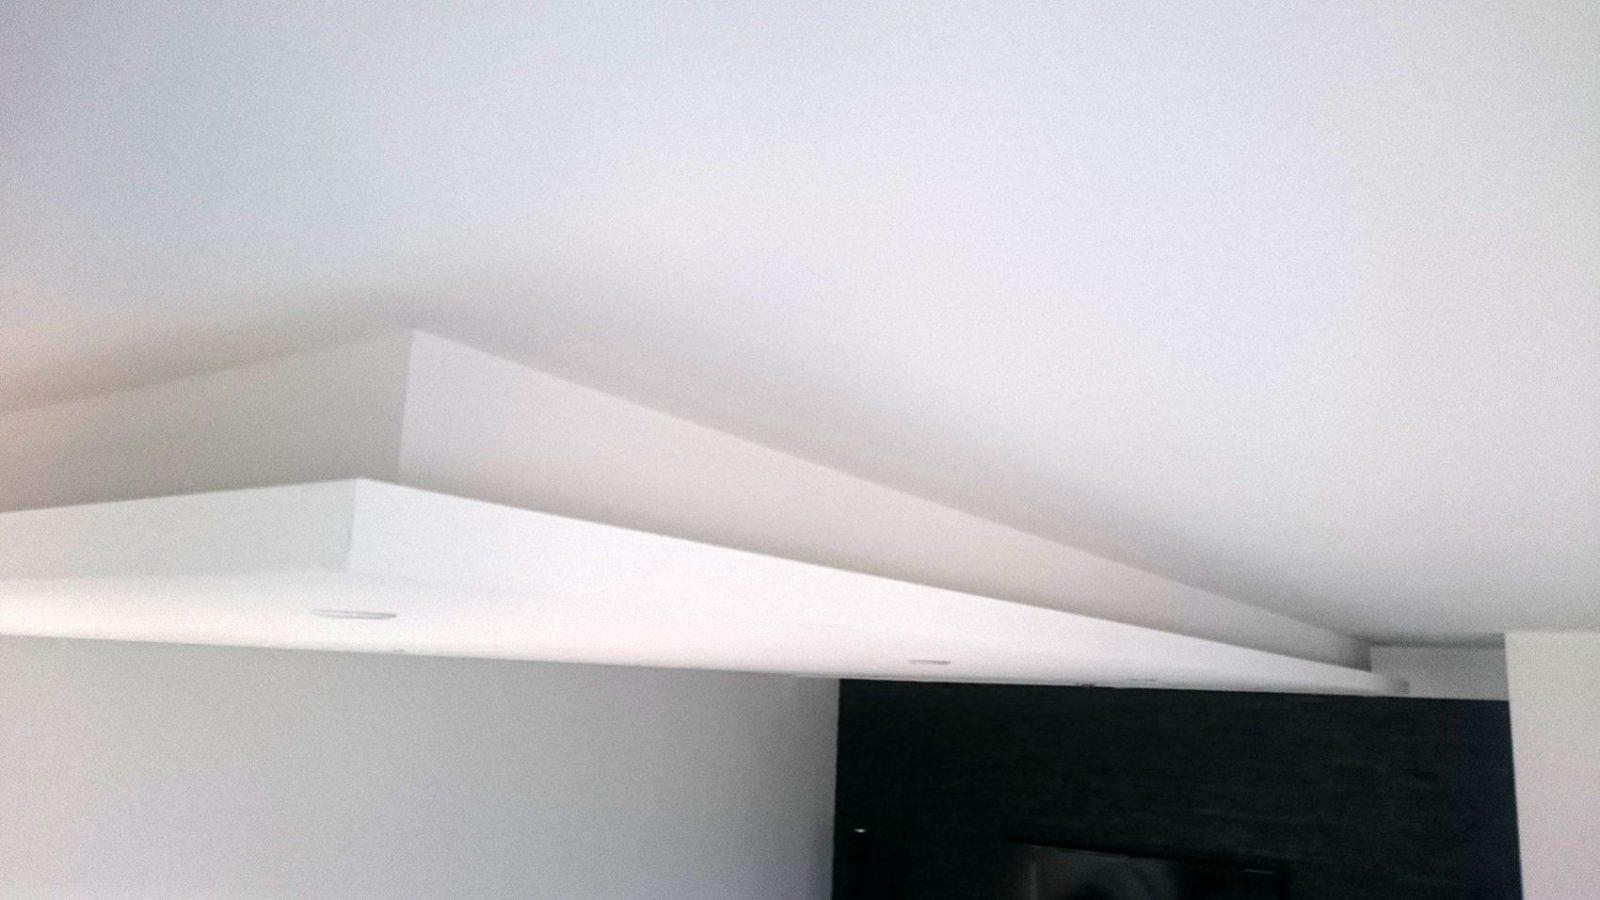 Abgehängte Decke Mit Indirekter Beleuchtung (Lichtvouten) Selber Machen von Indirekte Beleuchtung Selber Bauen Anleitung Photo